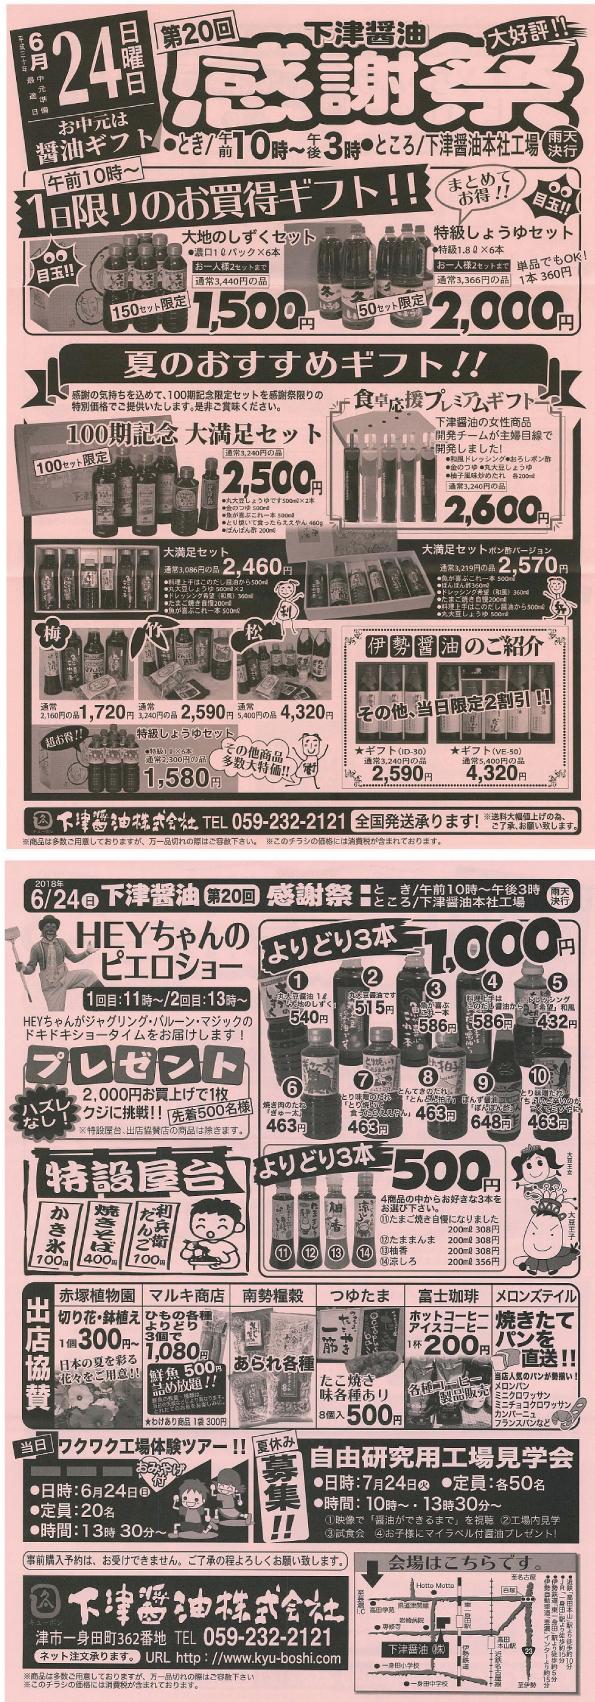 下津醤油感謝祭